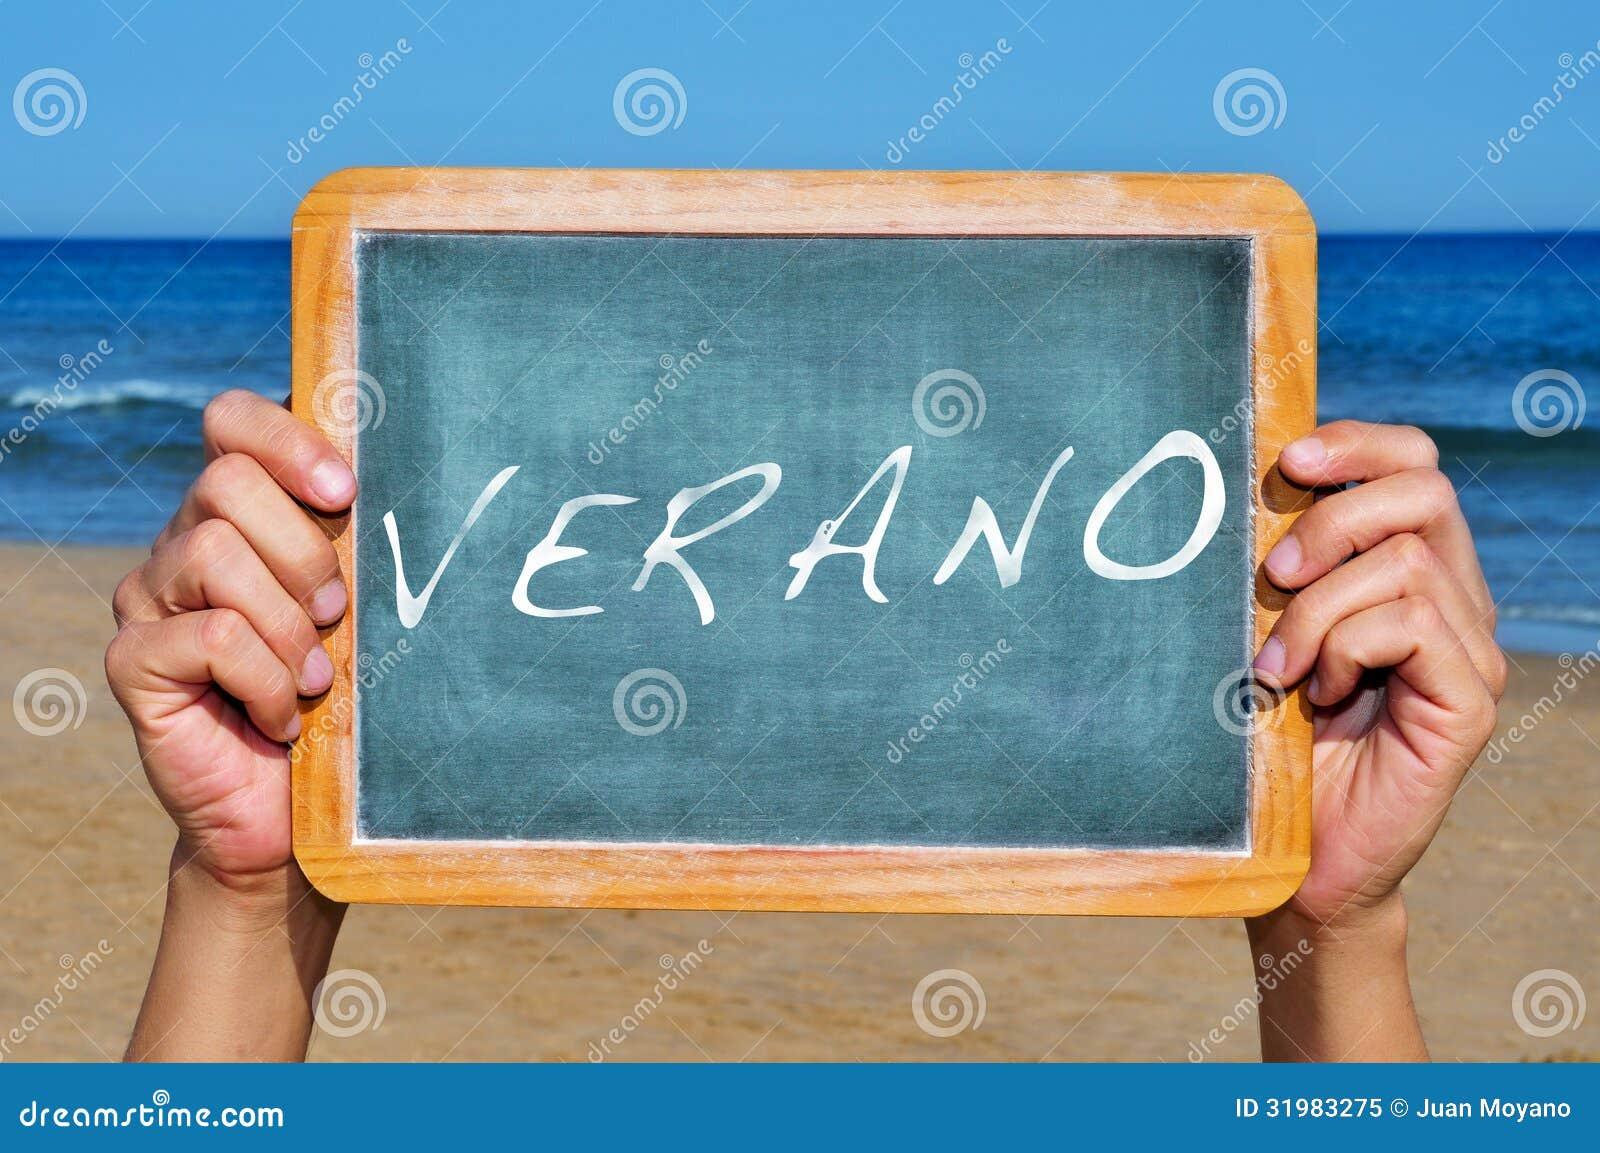 Verano, Sommer auf spanisch